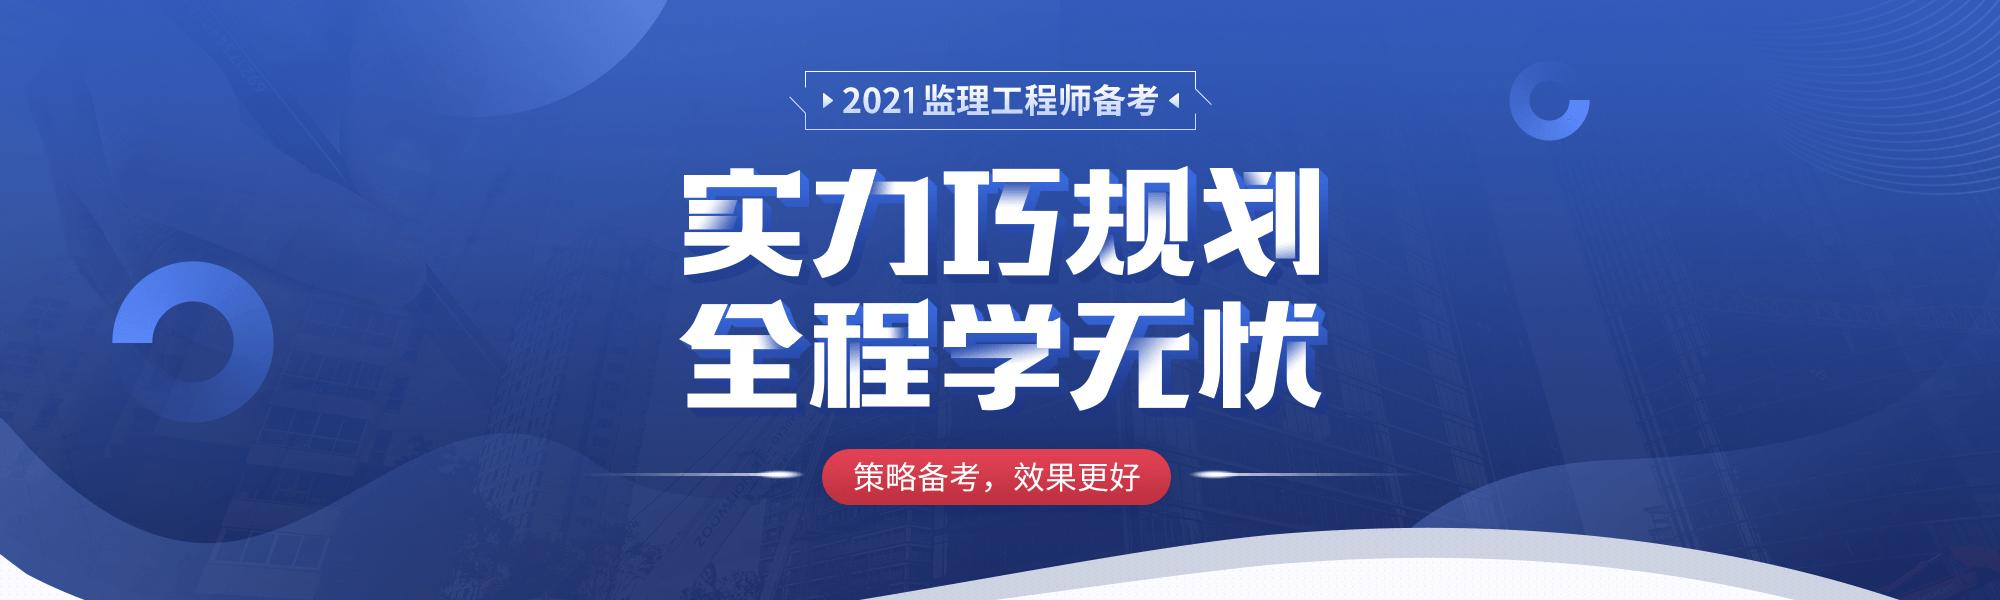 2021年宁夏监理工程师复习阶段需要注意的三件事情